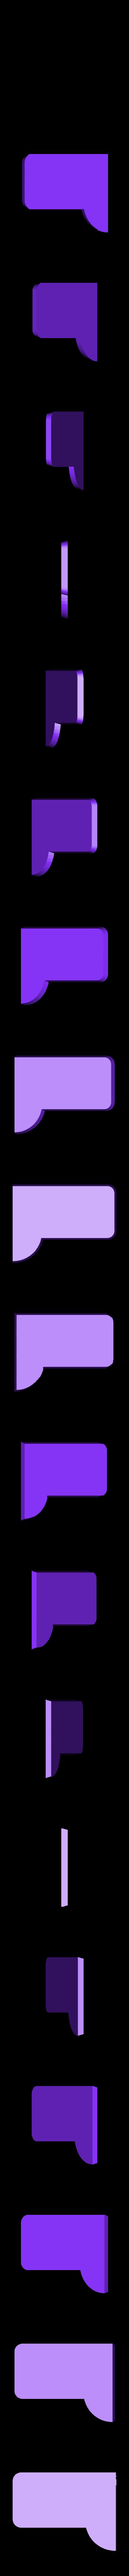 Street_Sign_Back_Plate_Left.STL Download free STL file Sesame Street Sign • 3D printing model, enzordplst